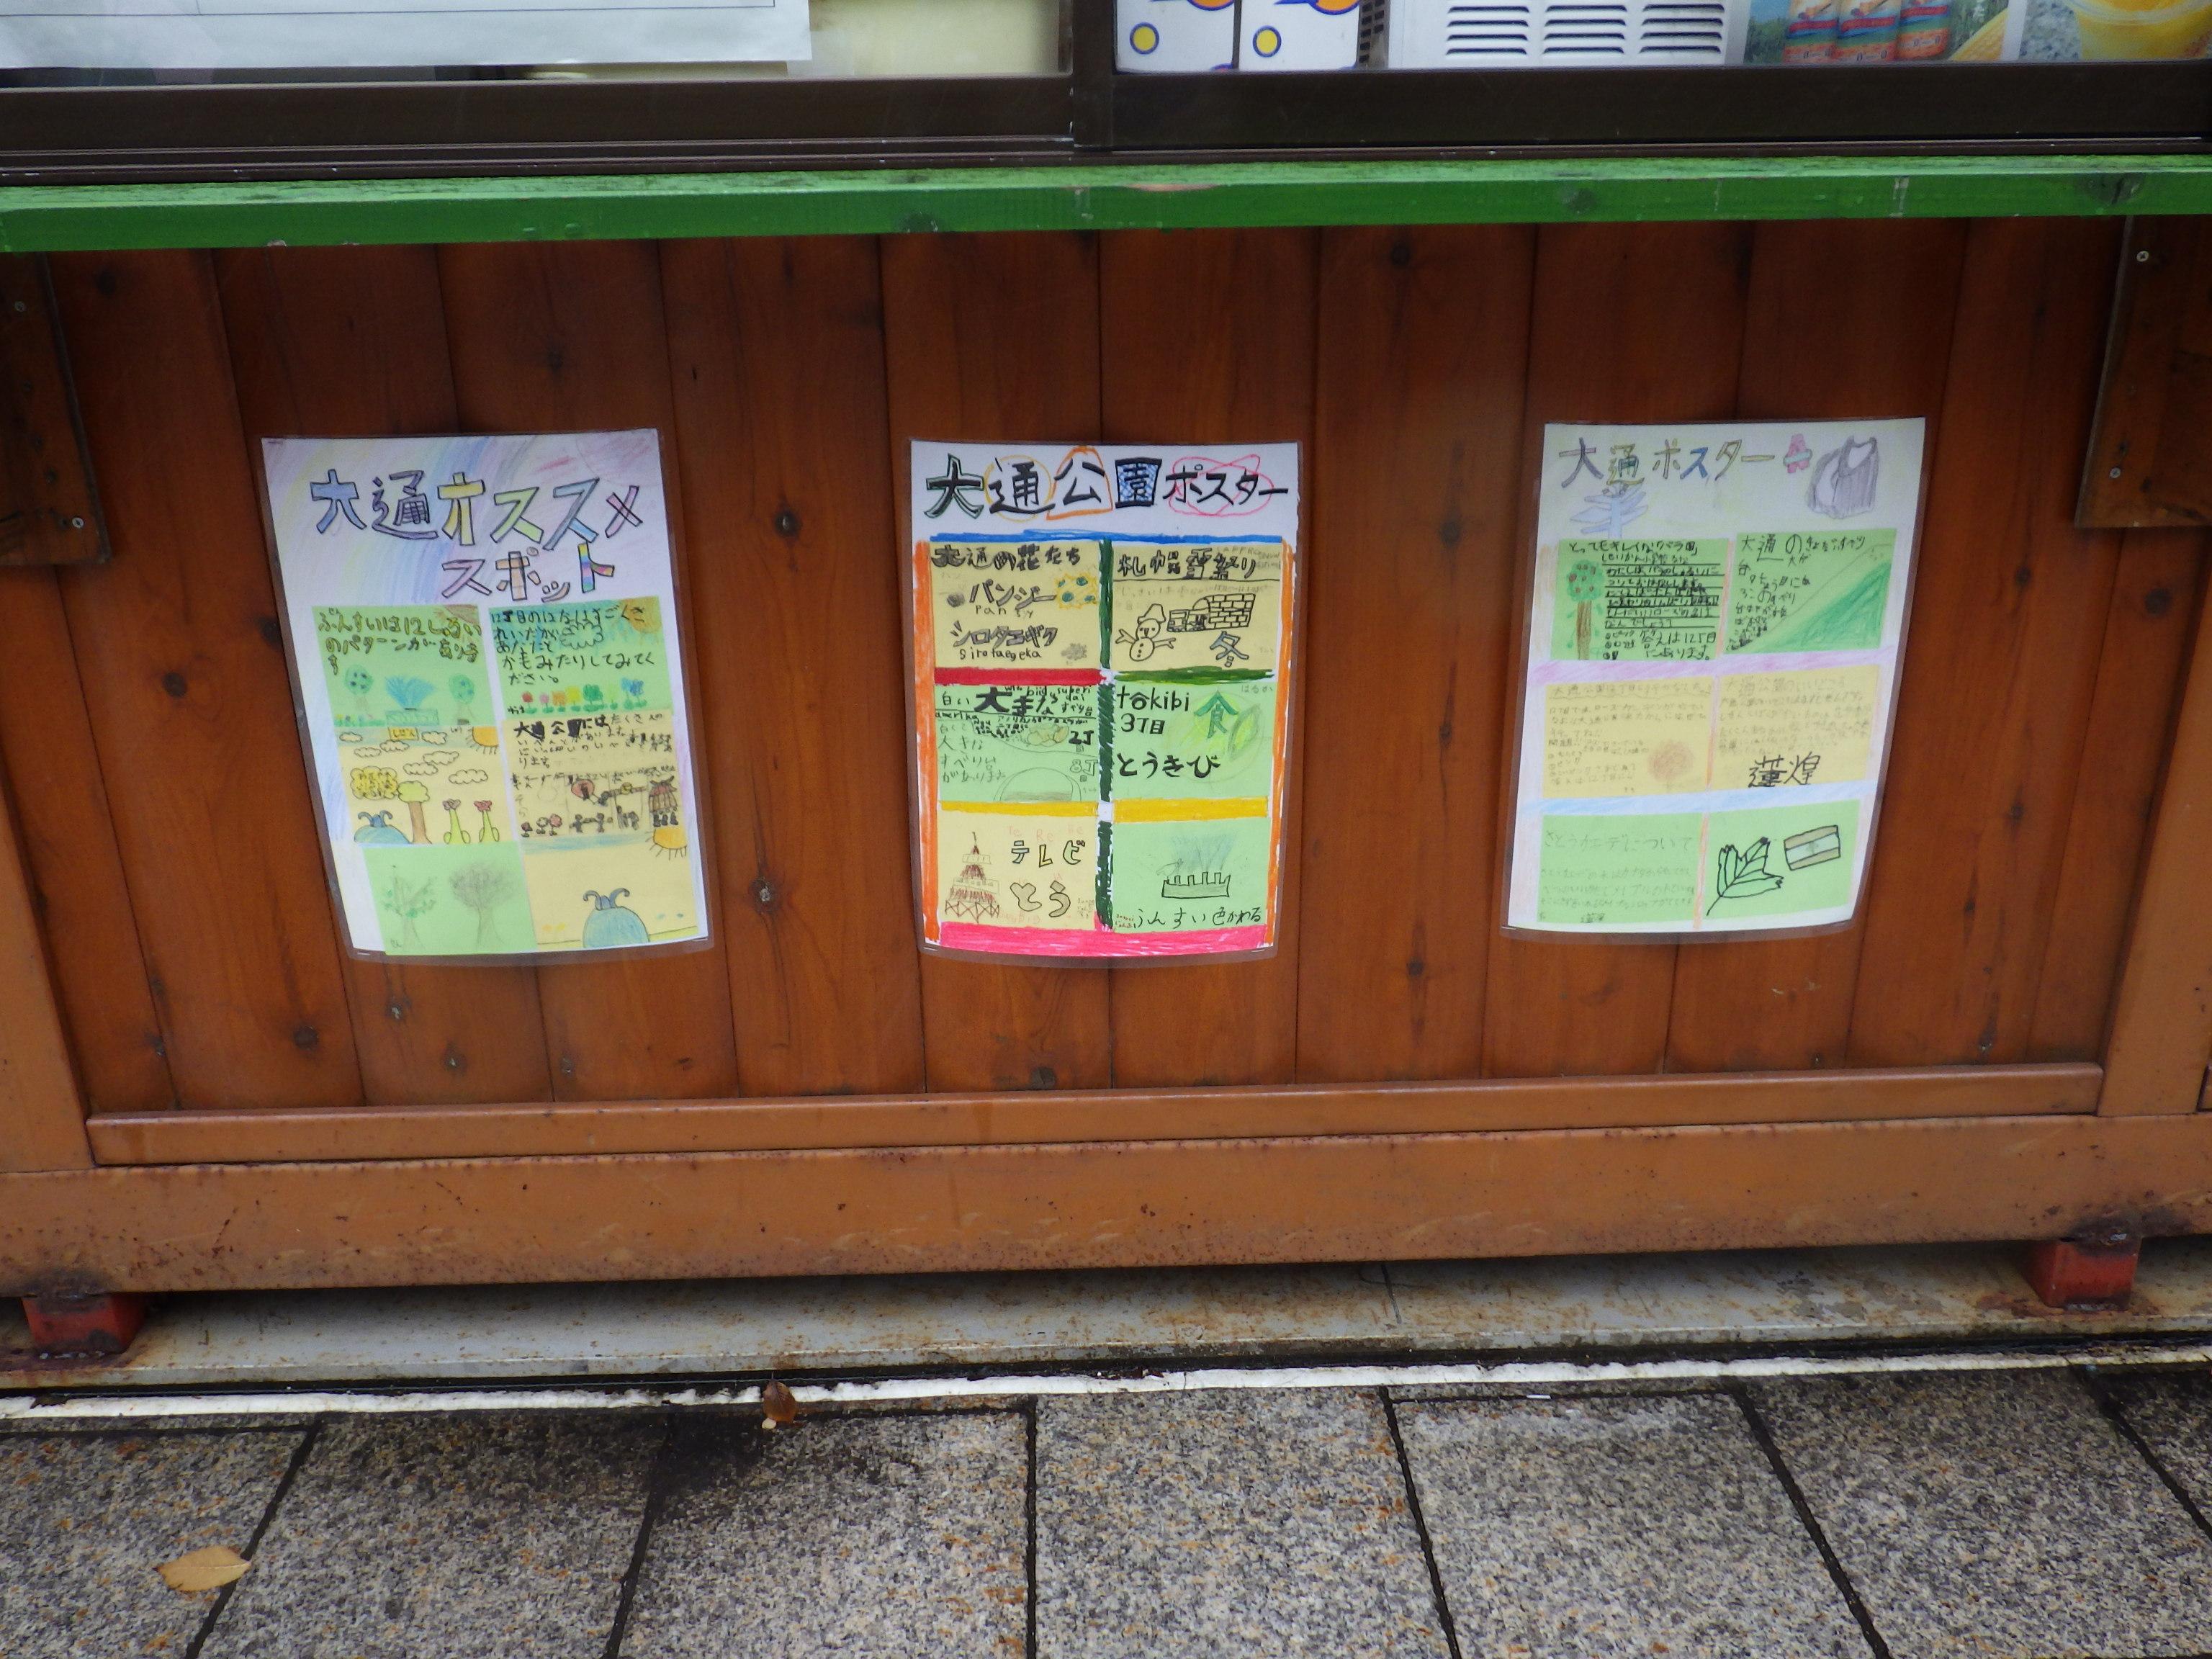 西3丁目掲示板に張られた資生館小学校3年生作成のポスターその5